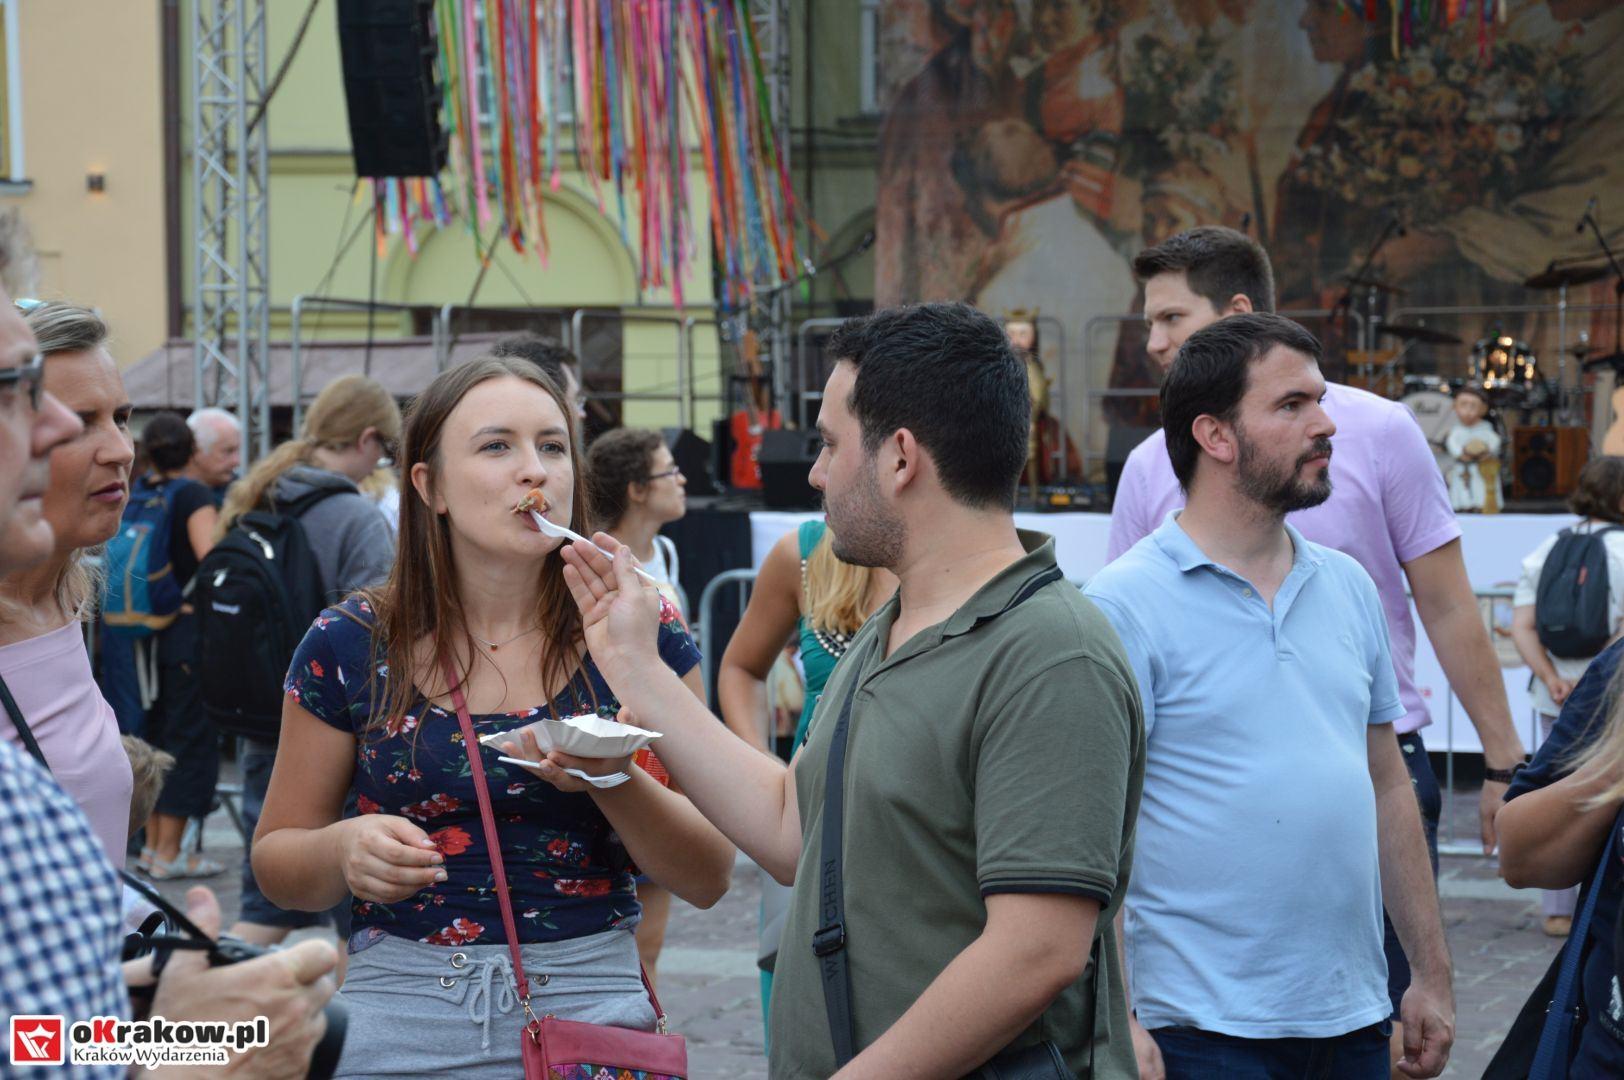 krakow festiwal pierogow maly rynek koncert cheap tobacco 62 150x150 - Galeria zdjęć Festiwal Pierogów Kraków 2018 + zdjęcia z koncertu Cheap Tobacco